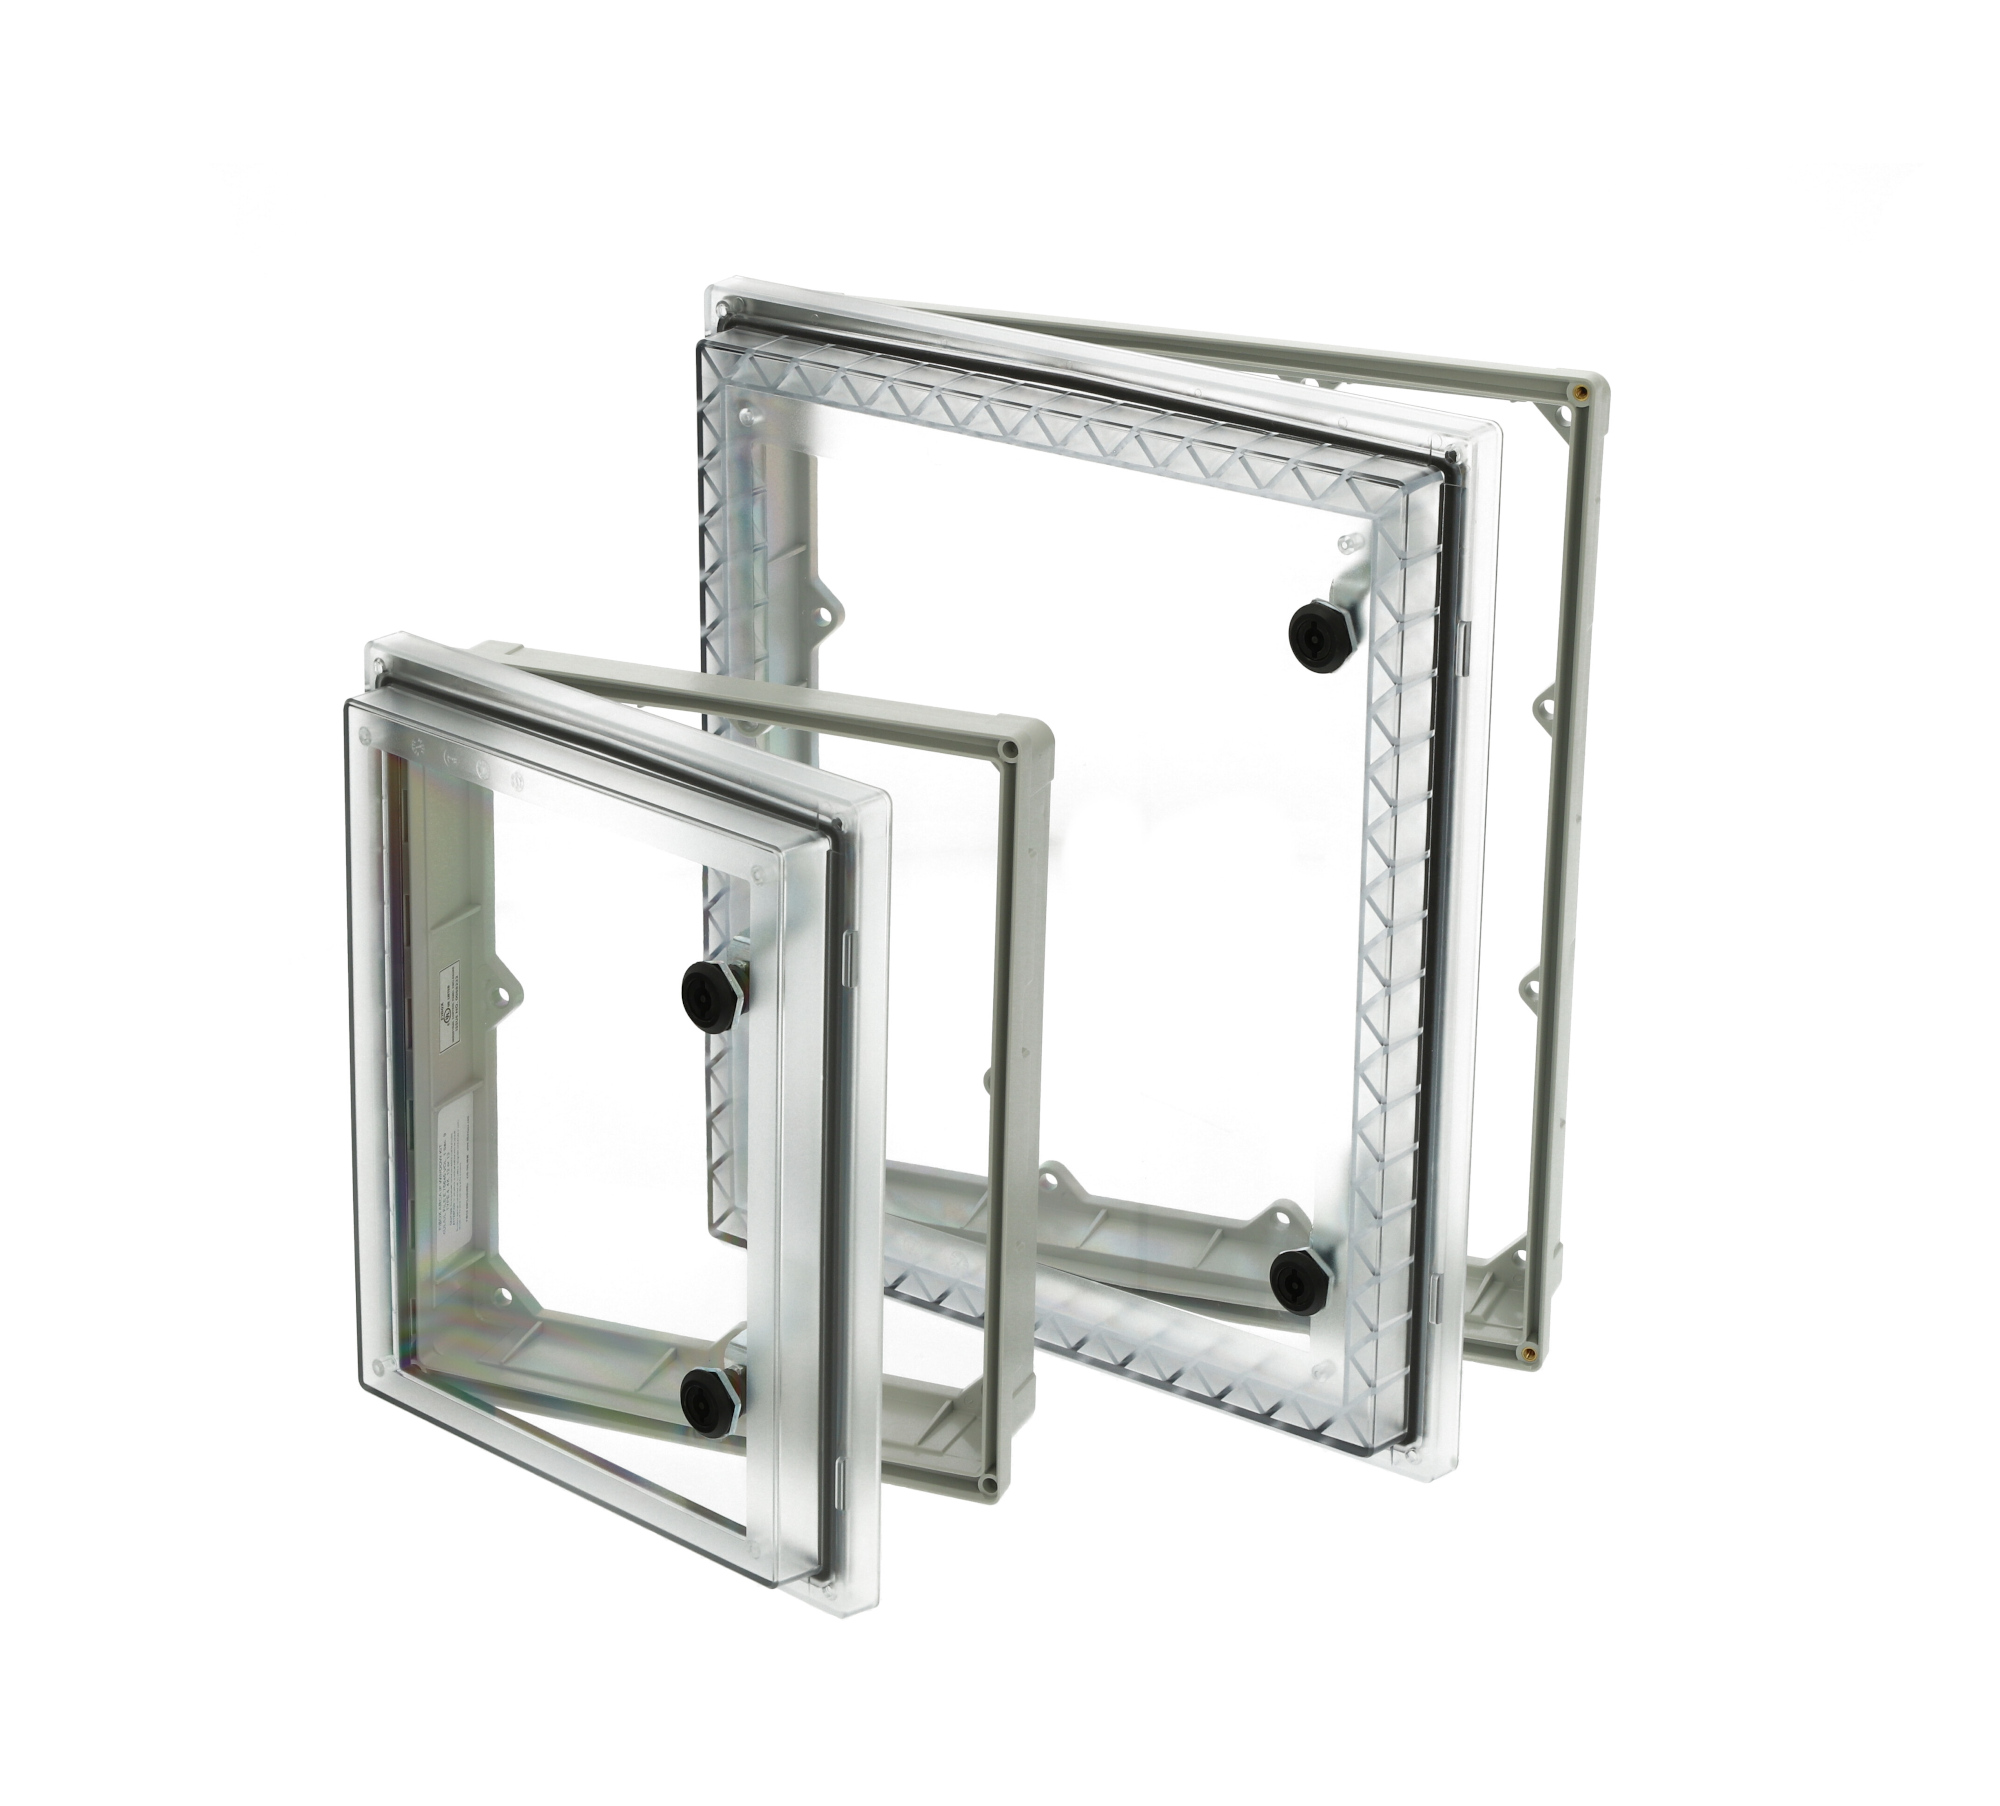 Robuste Schutzfenster für Schaltgehäuse